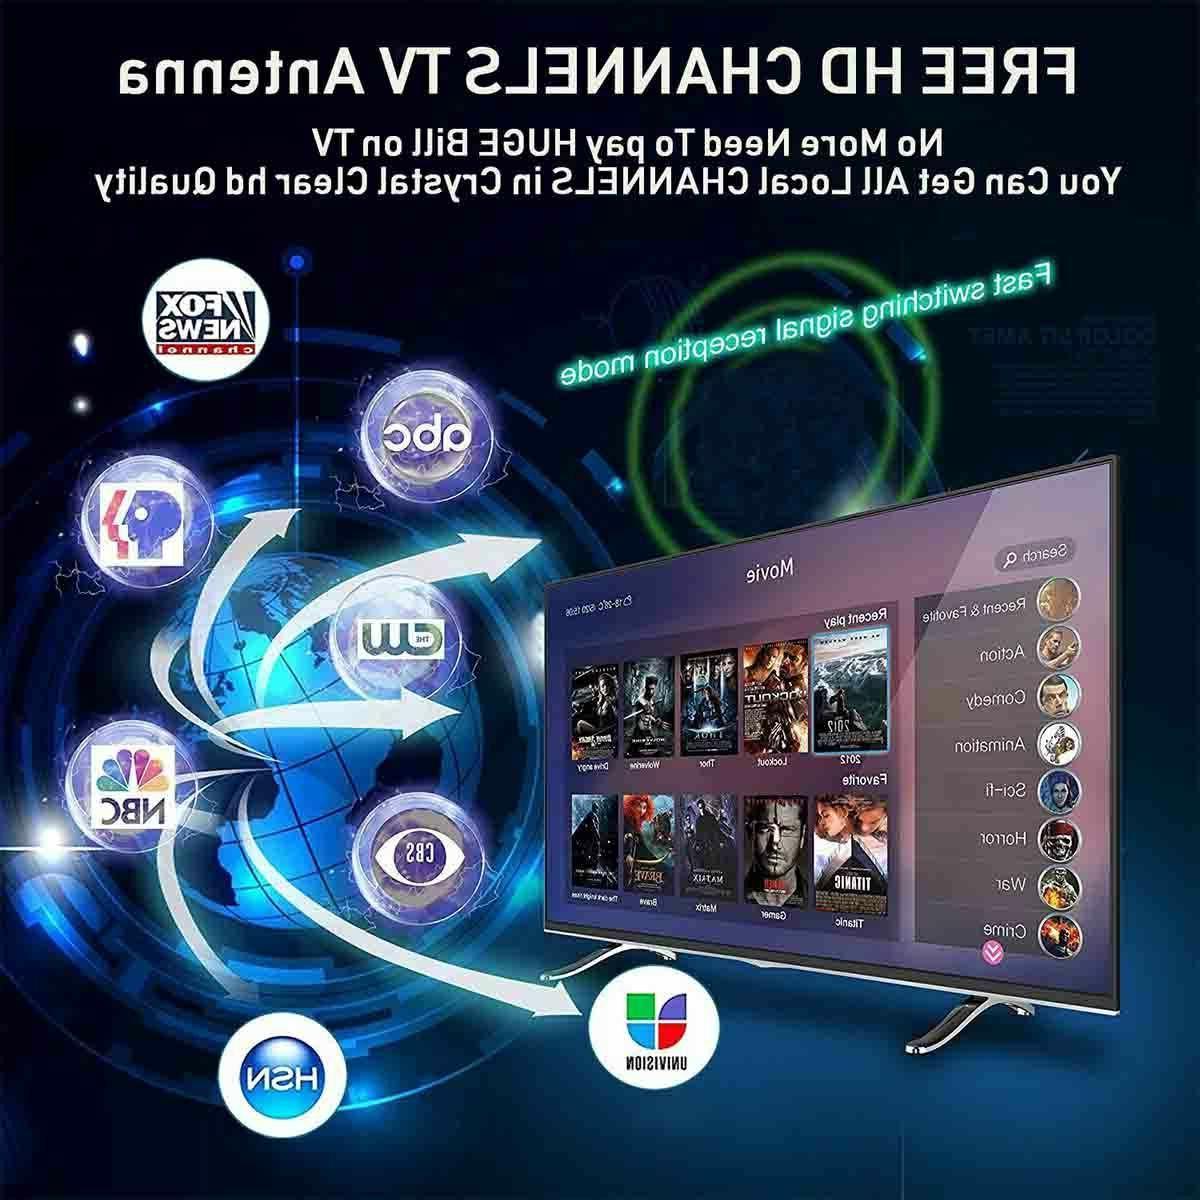 TV Digital TV Amplified Thin 980 Indoor